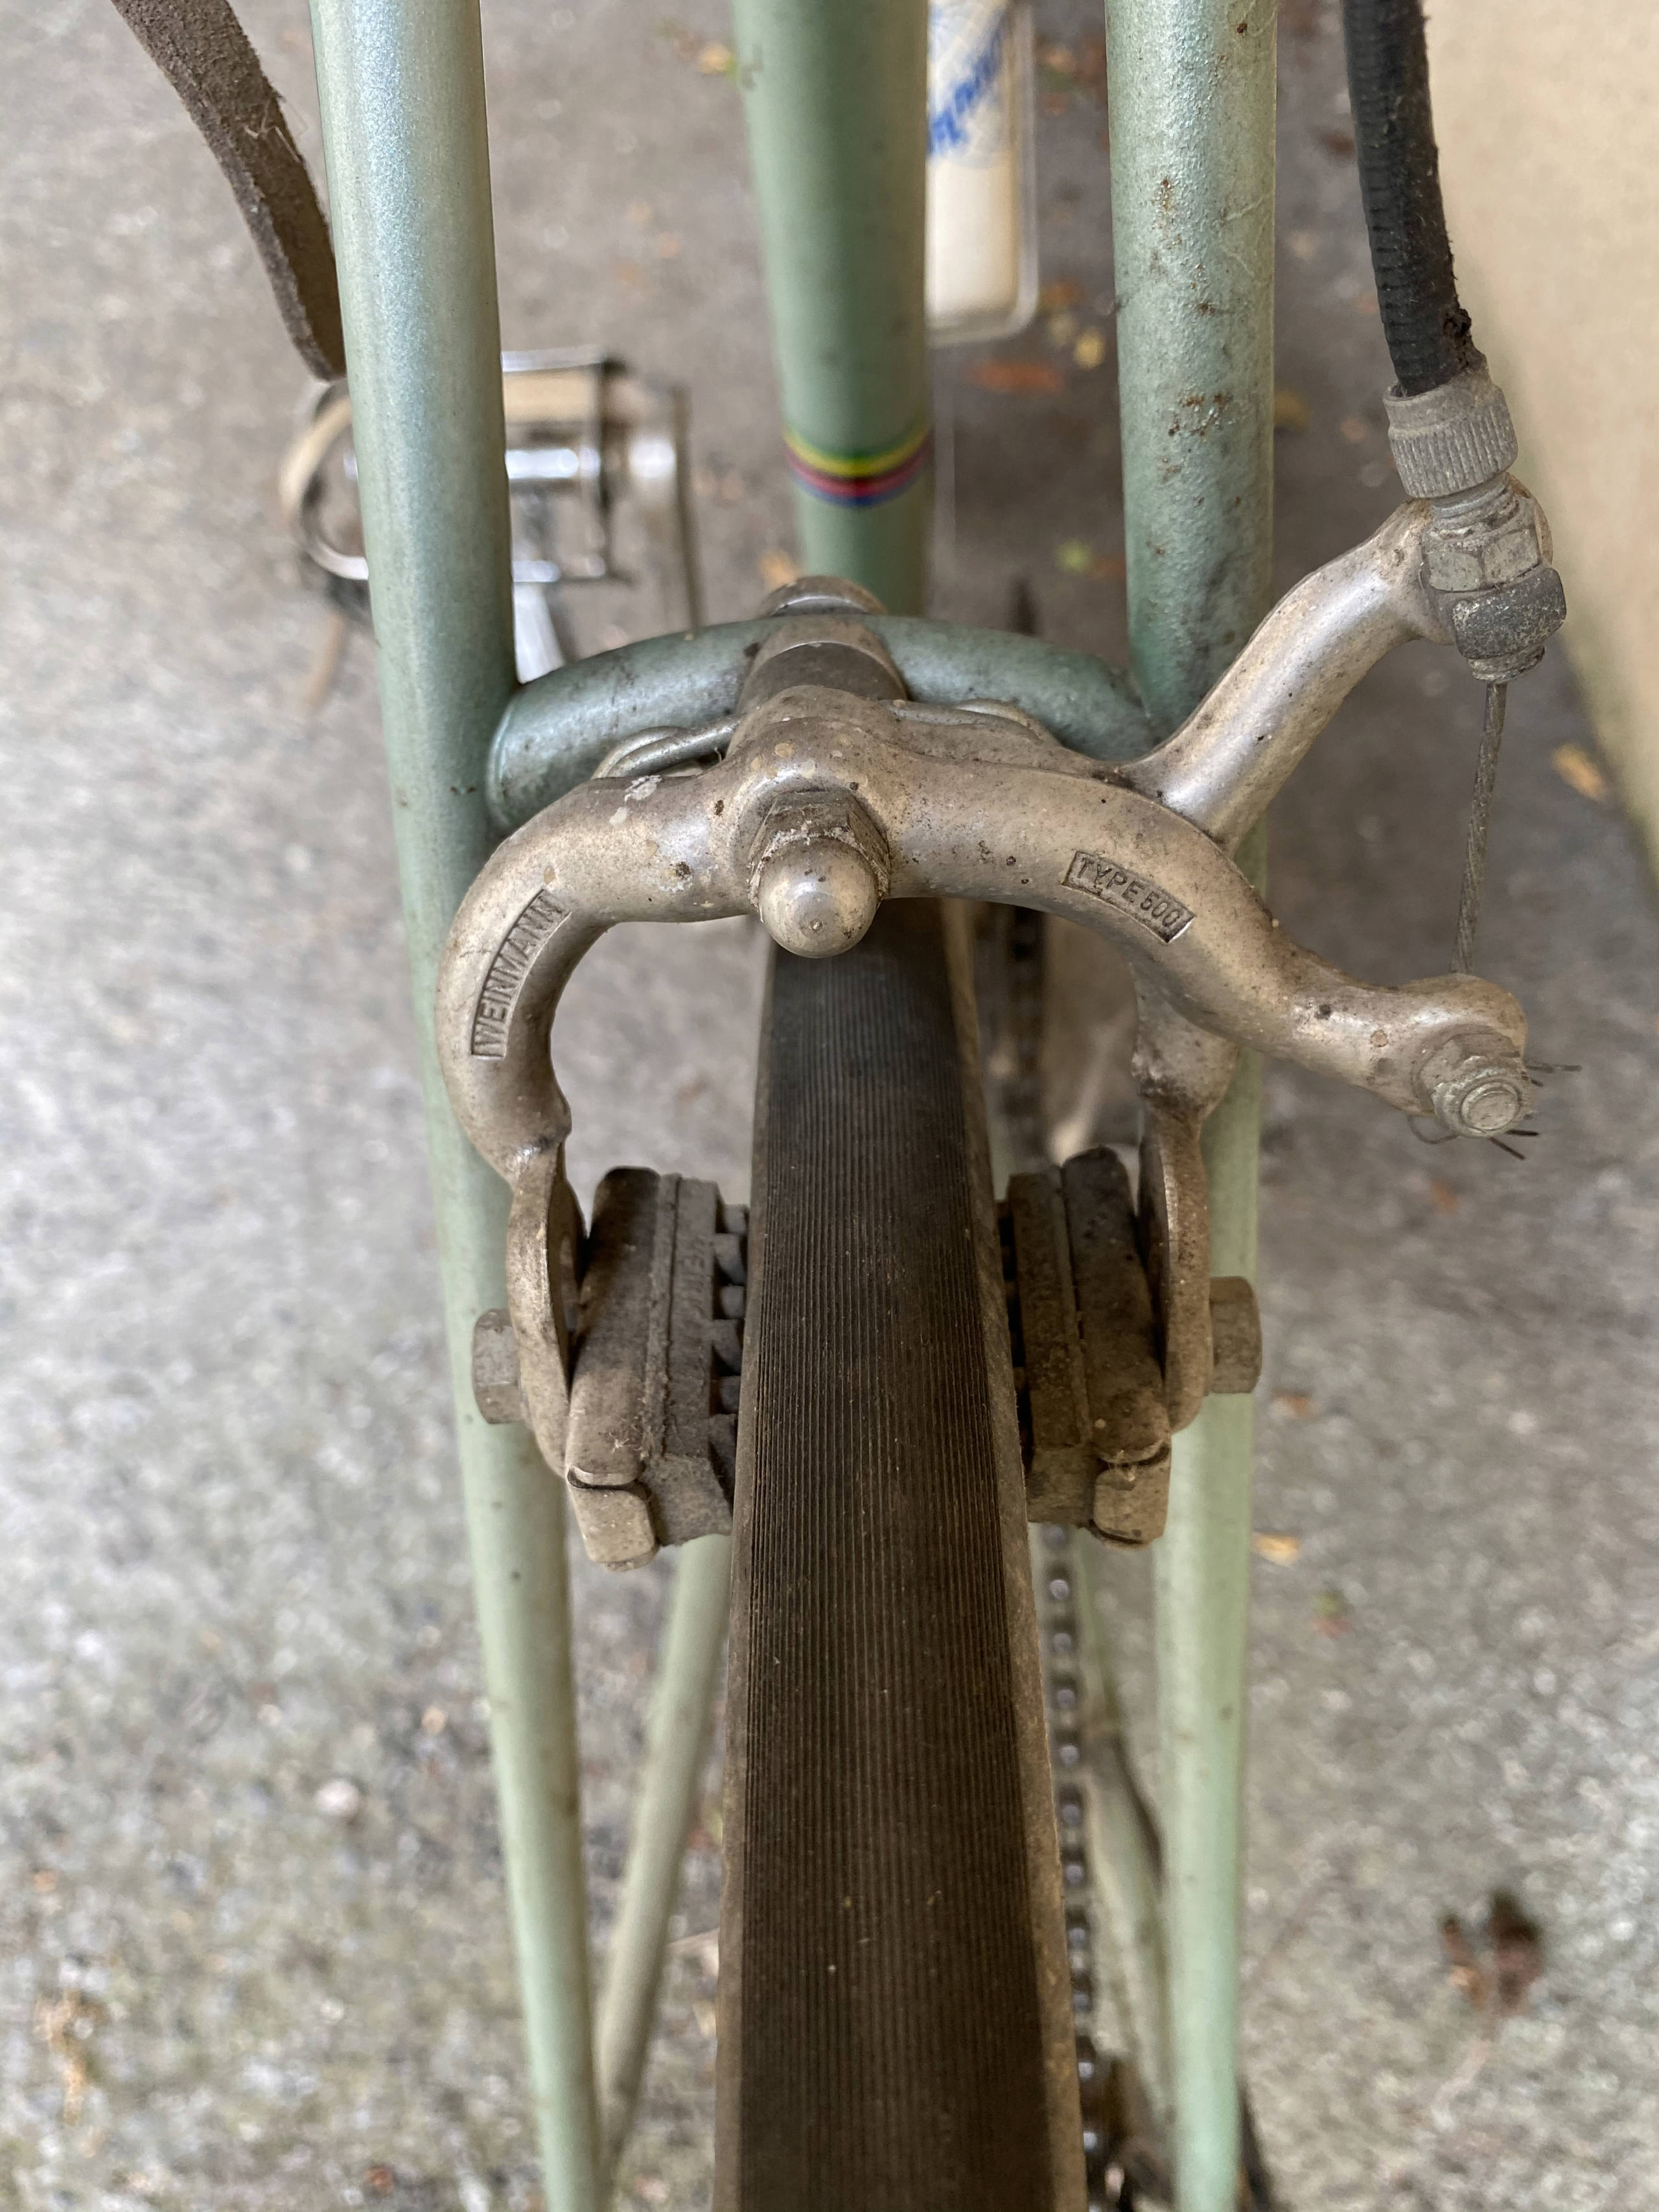 Vélo Jacques Anquetil : Vos avis? Img_0517